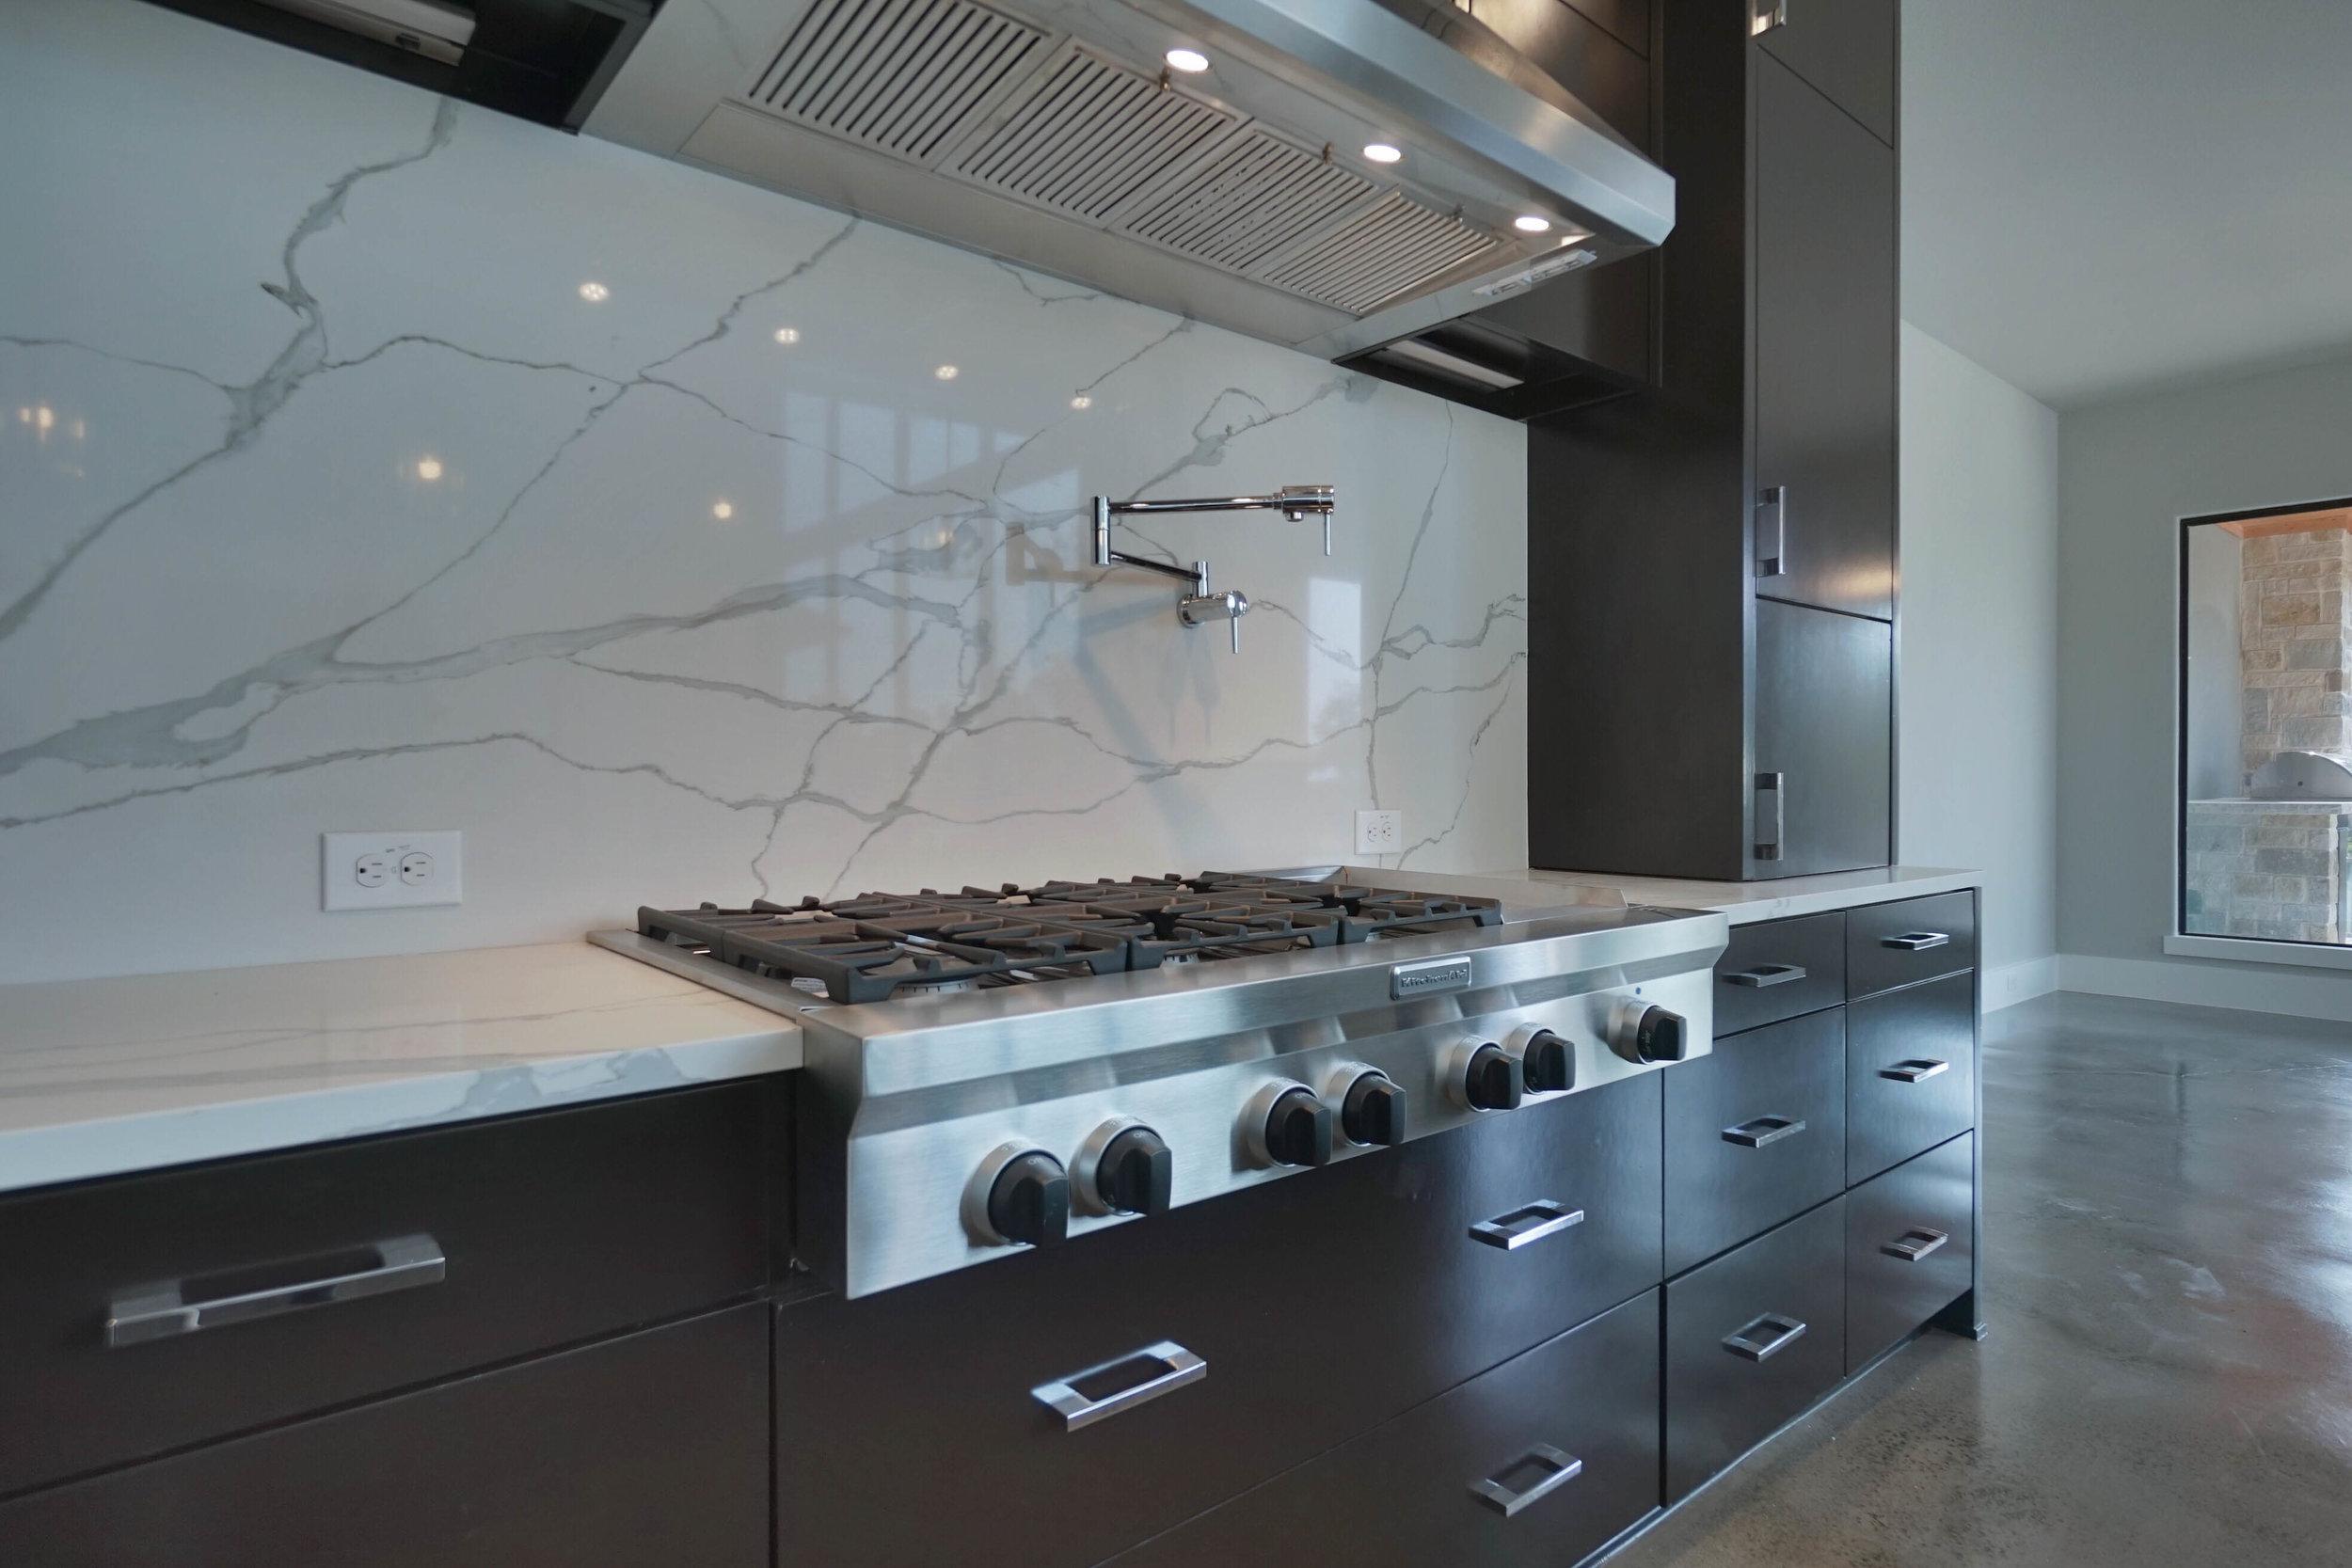 10 kitchen 3.jpg